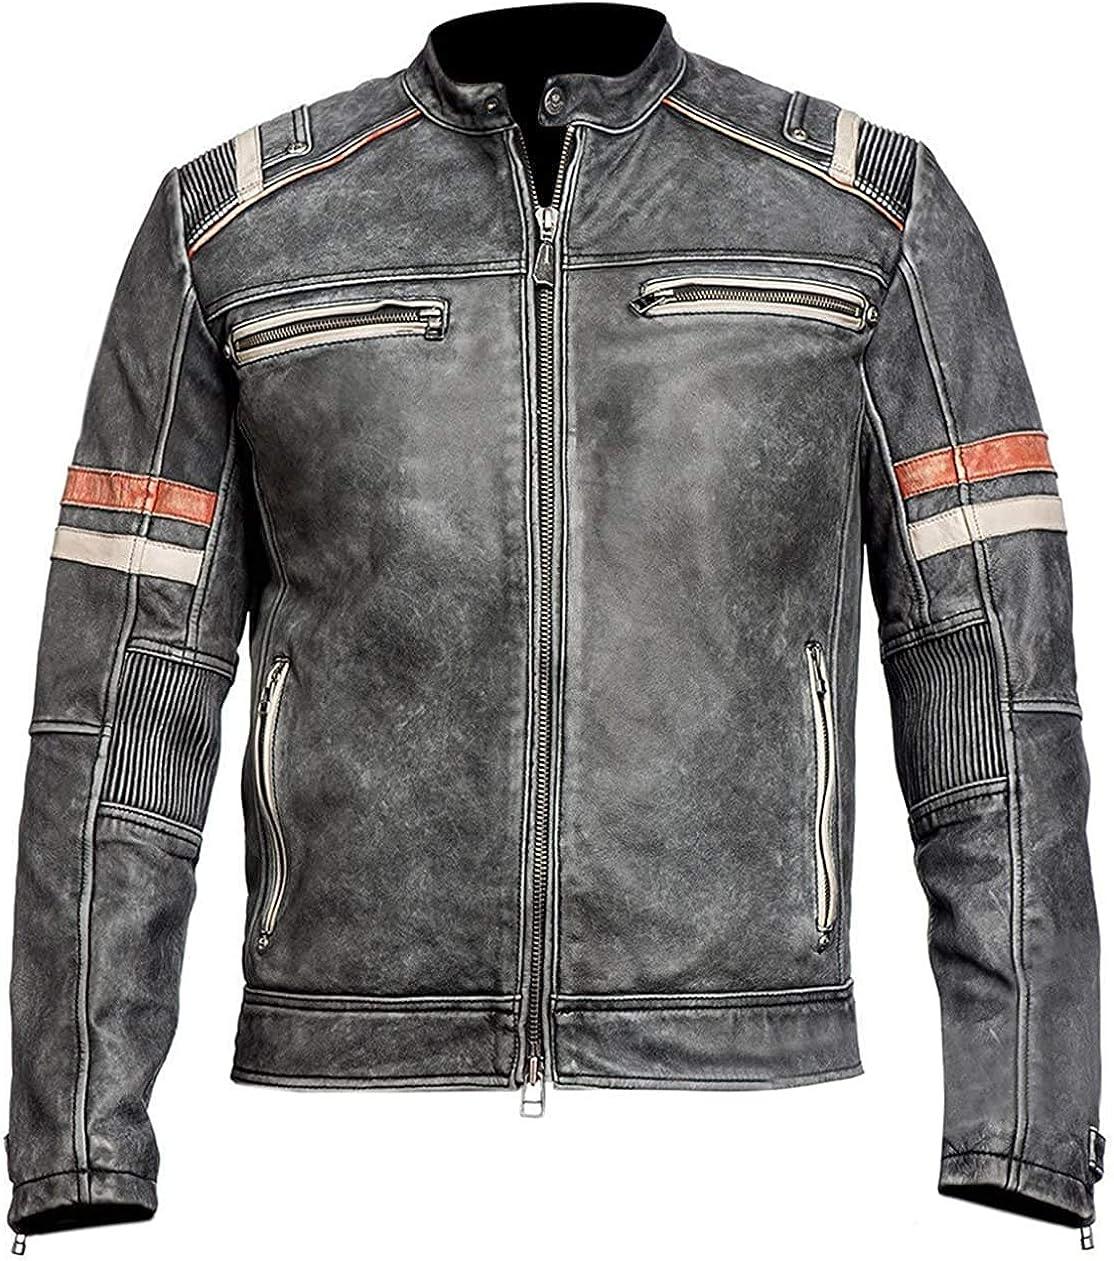 Vintage Cafe Racer Retro Motorcycle Distressed Biker Leather Jacket | Leather Jackets for Men | Motorcycle Leather Jacket Men